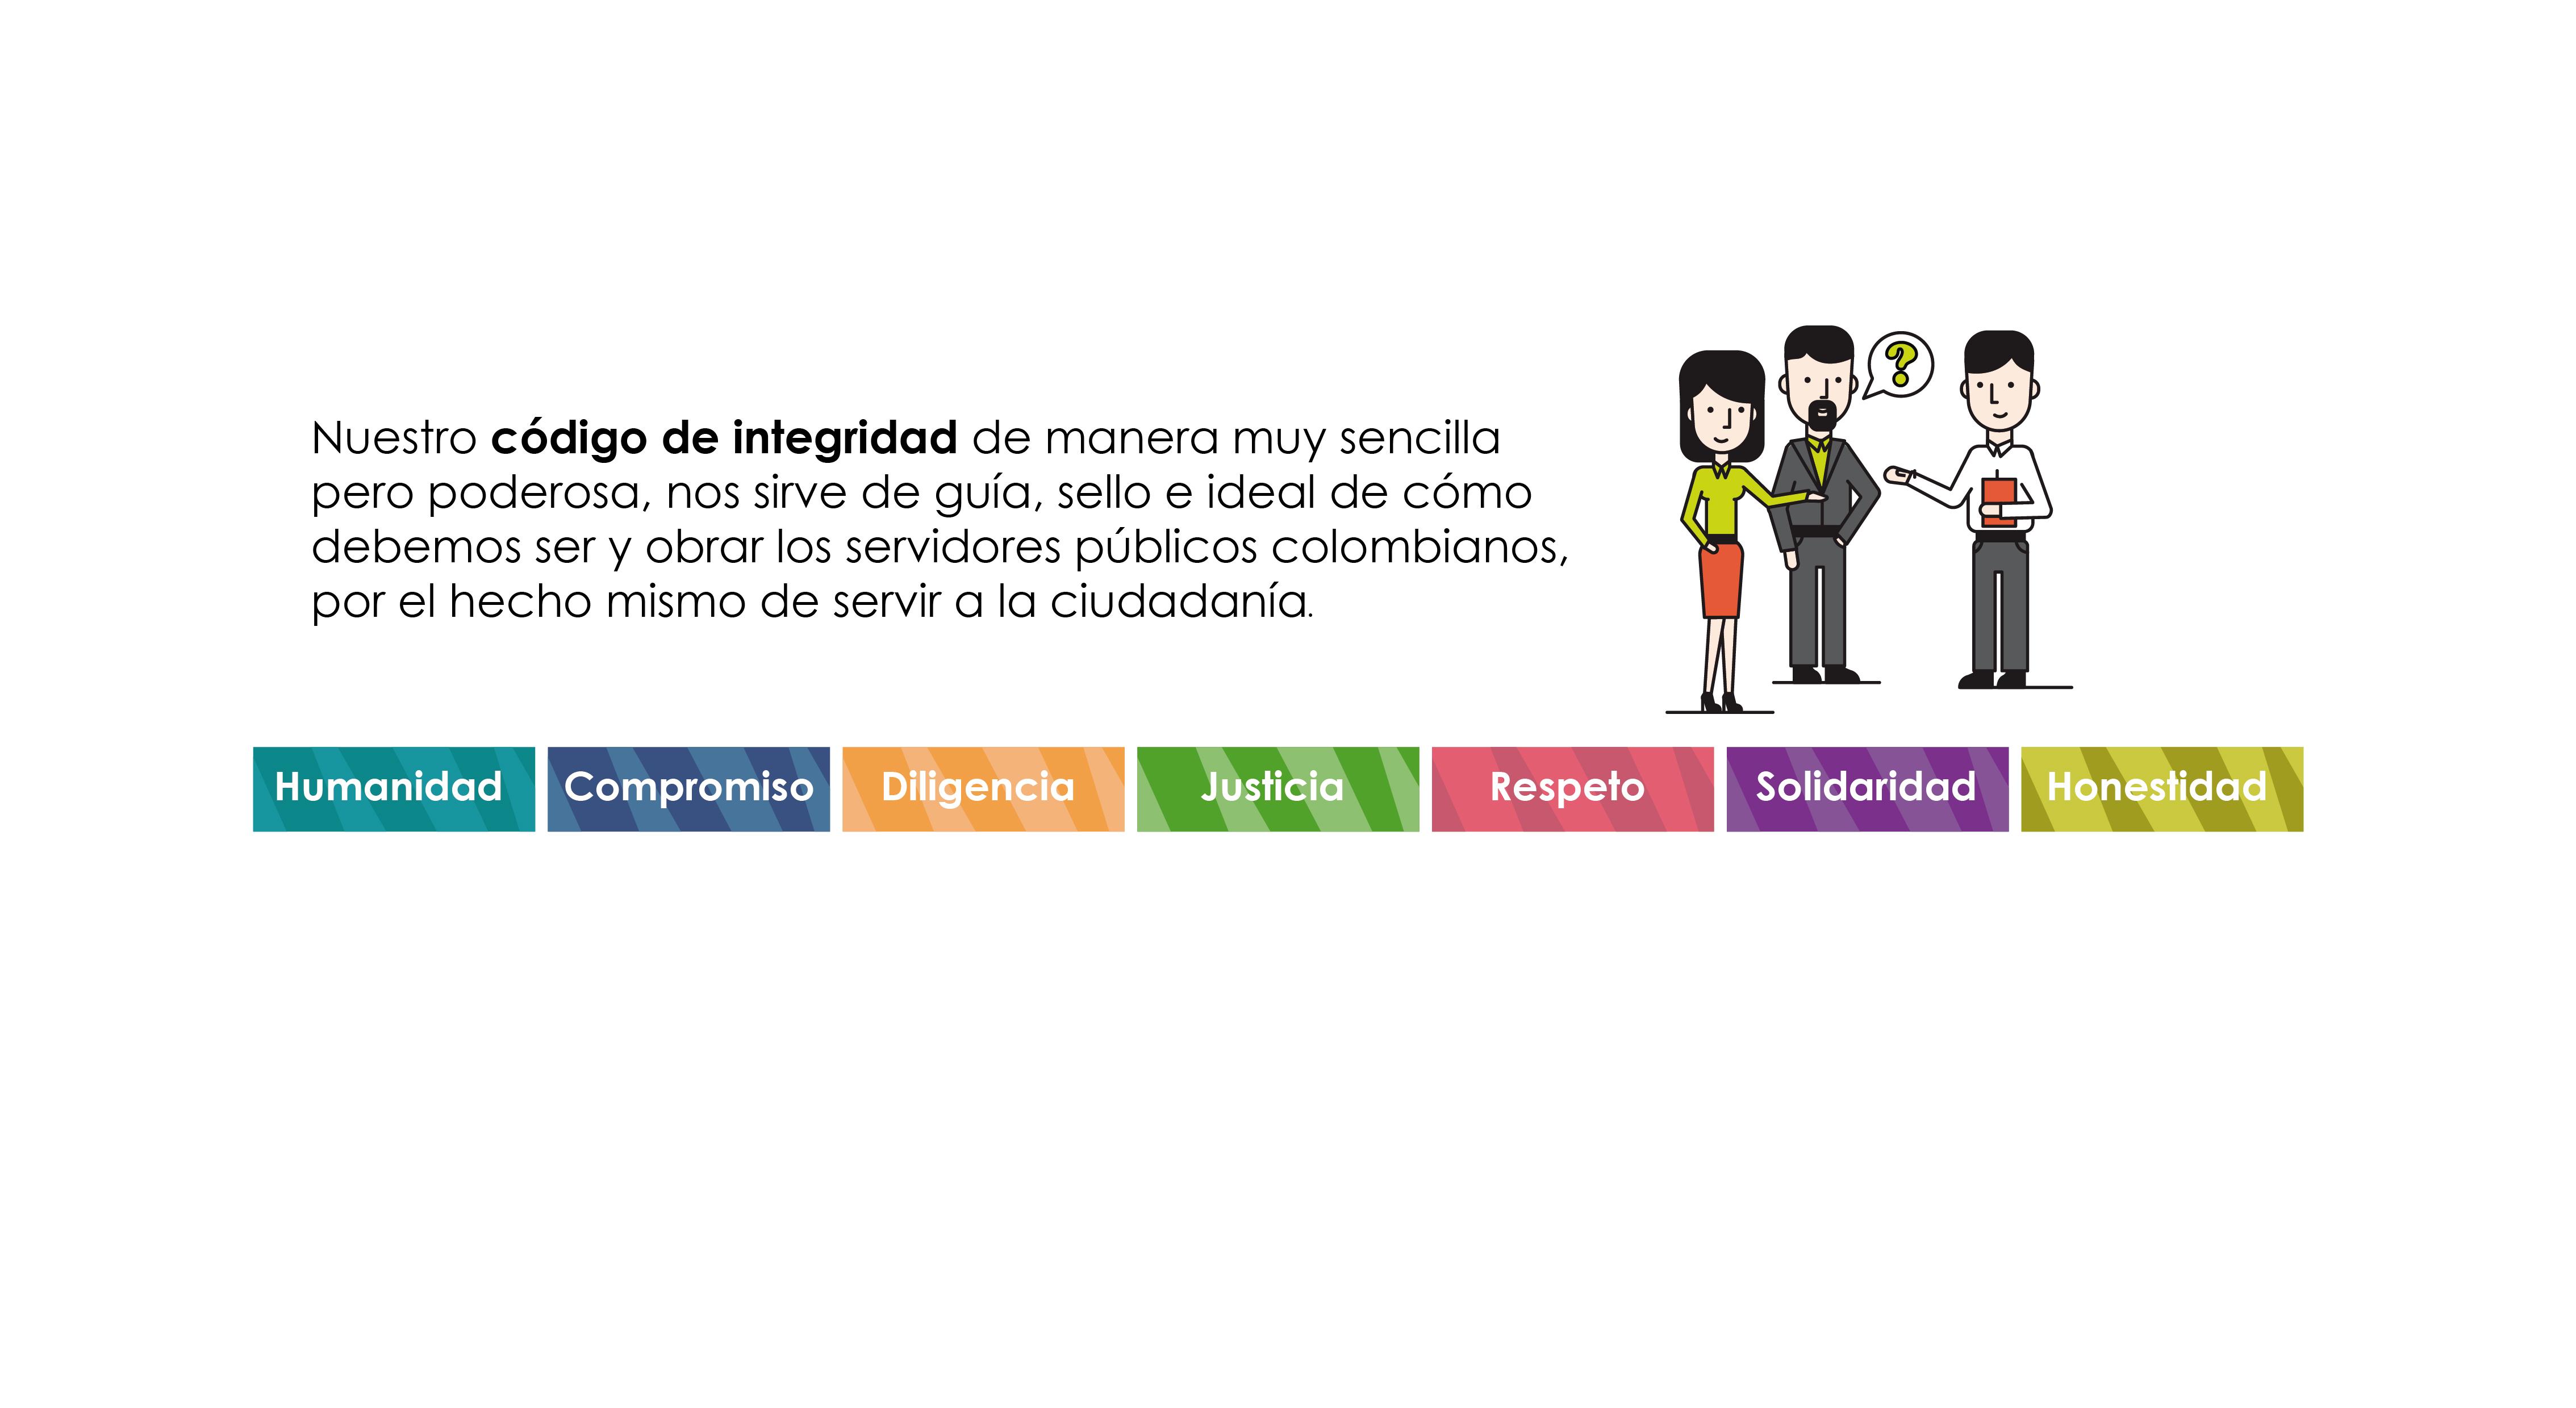 Codigo_integridad